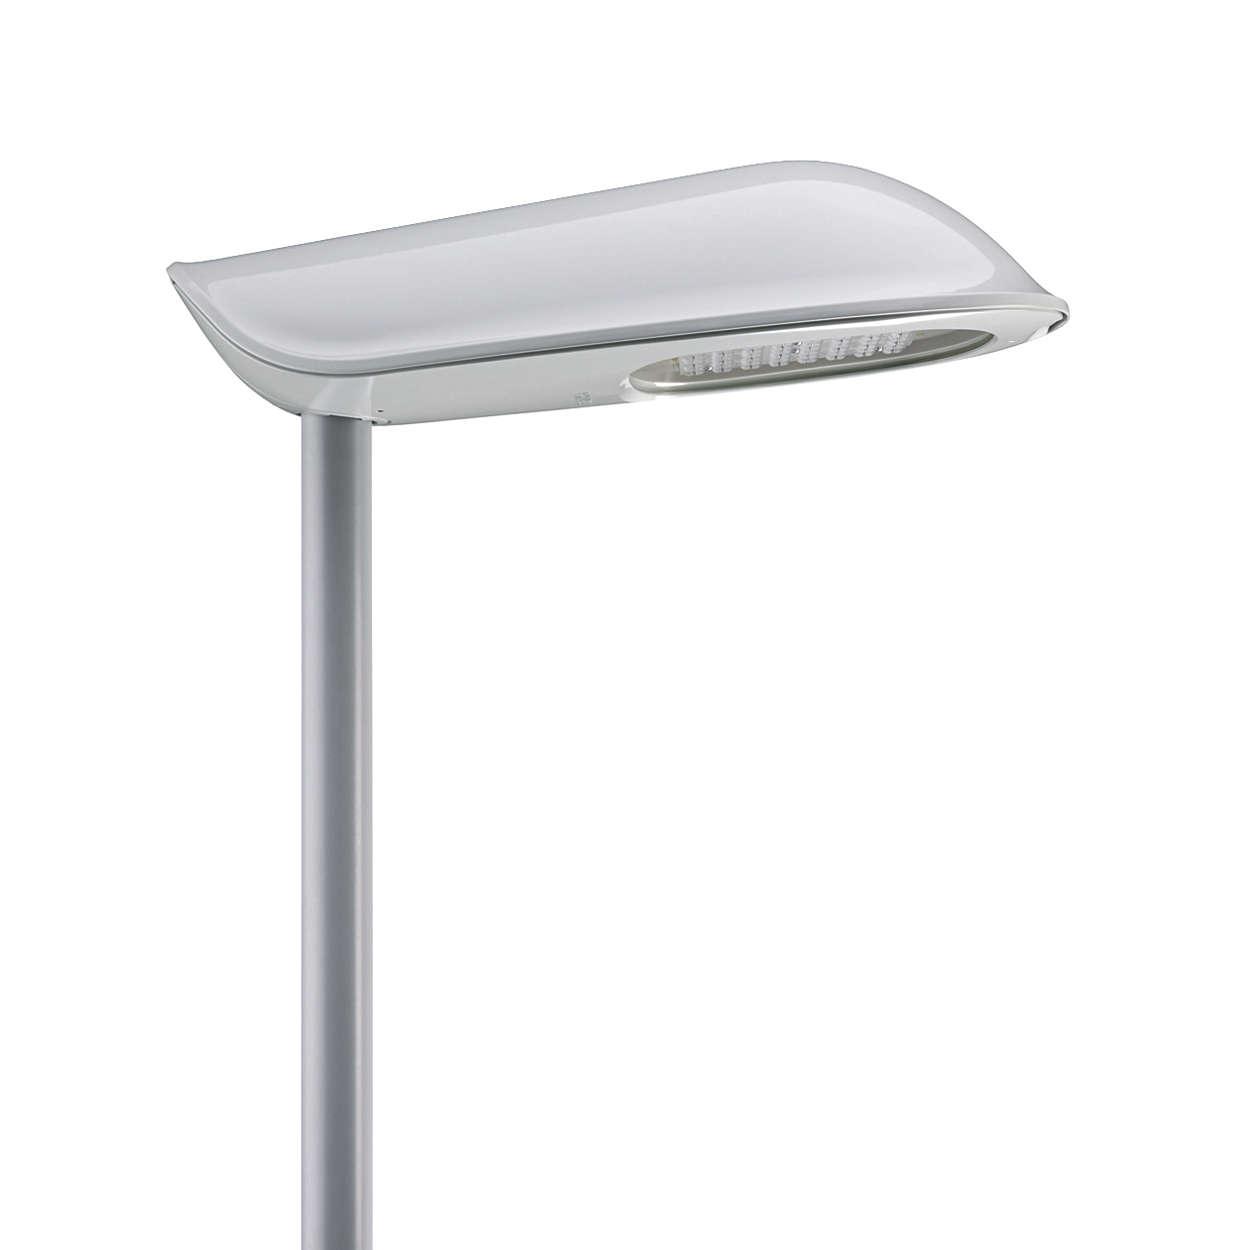 Iridium² LED große Bauform – die Straßenbeleuchtung der Zukunft